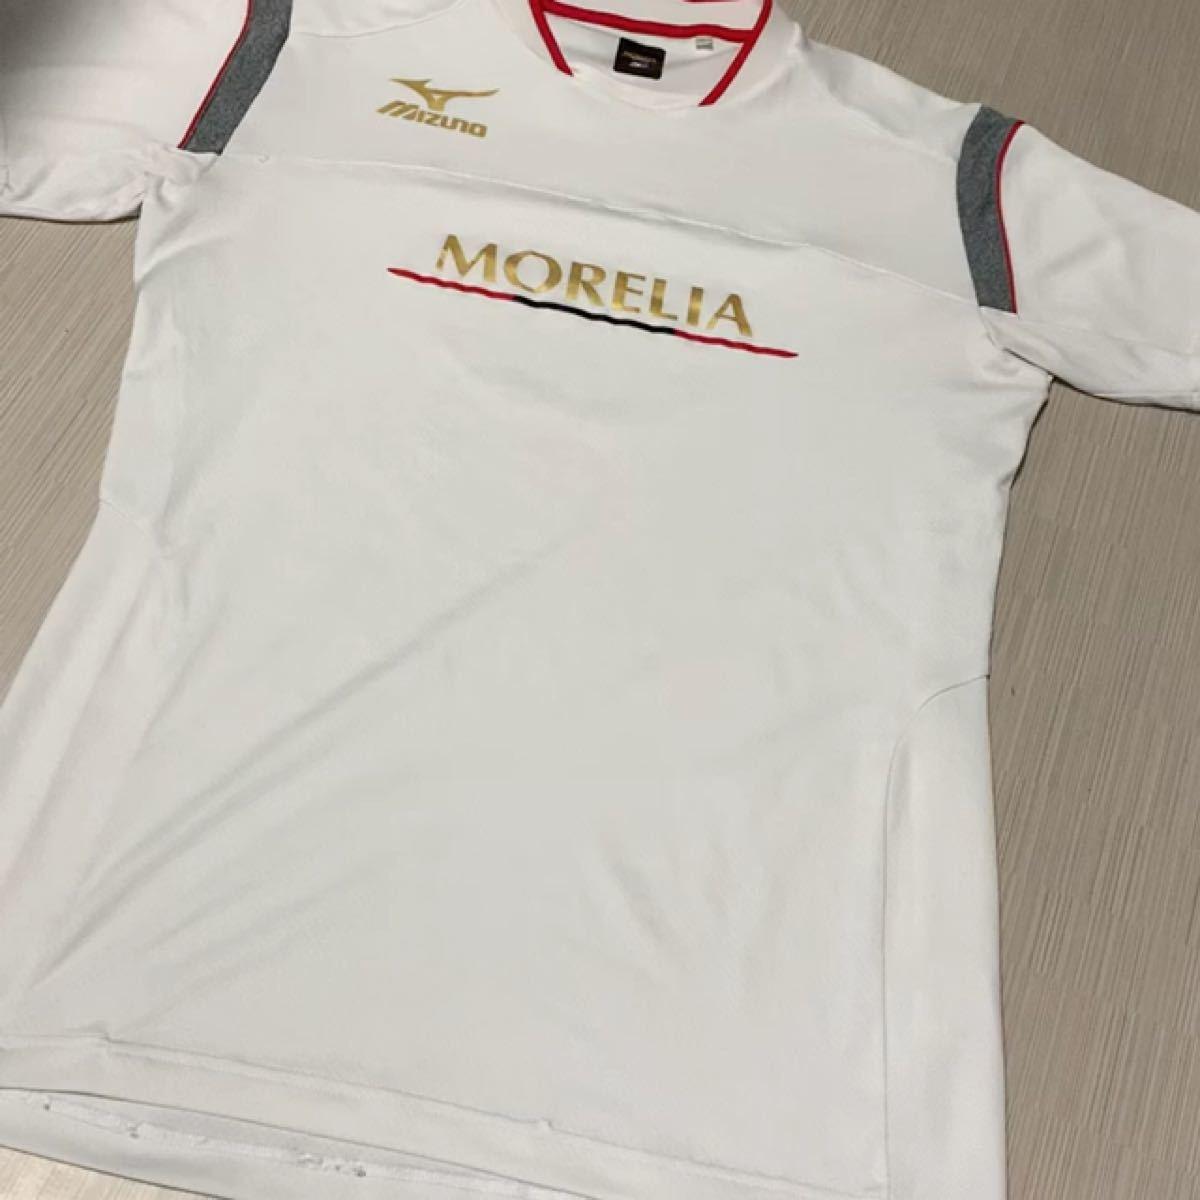 MIZUNO モレリア サッカー フットサル オリンピック ブランド ユニフォーム  ゲームシャツ Tシャツ プラ